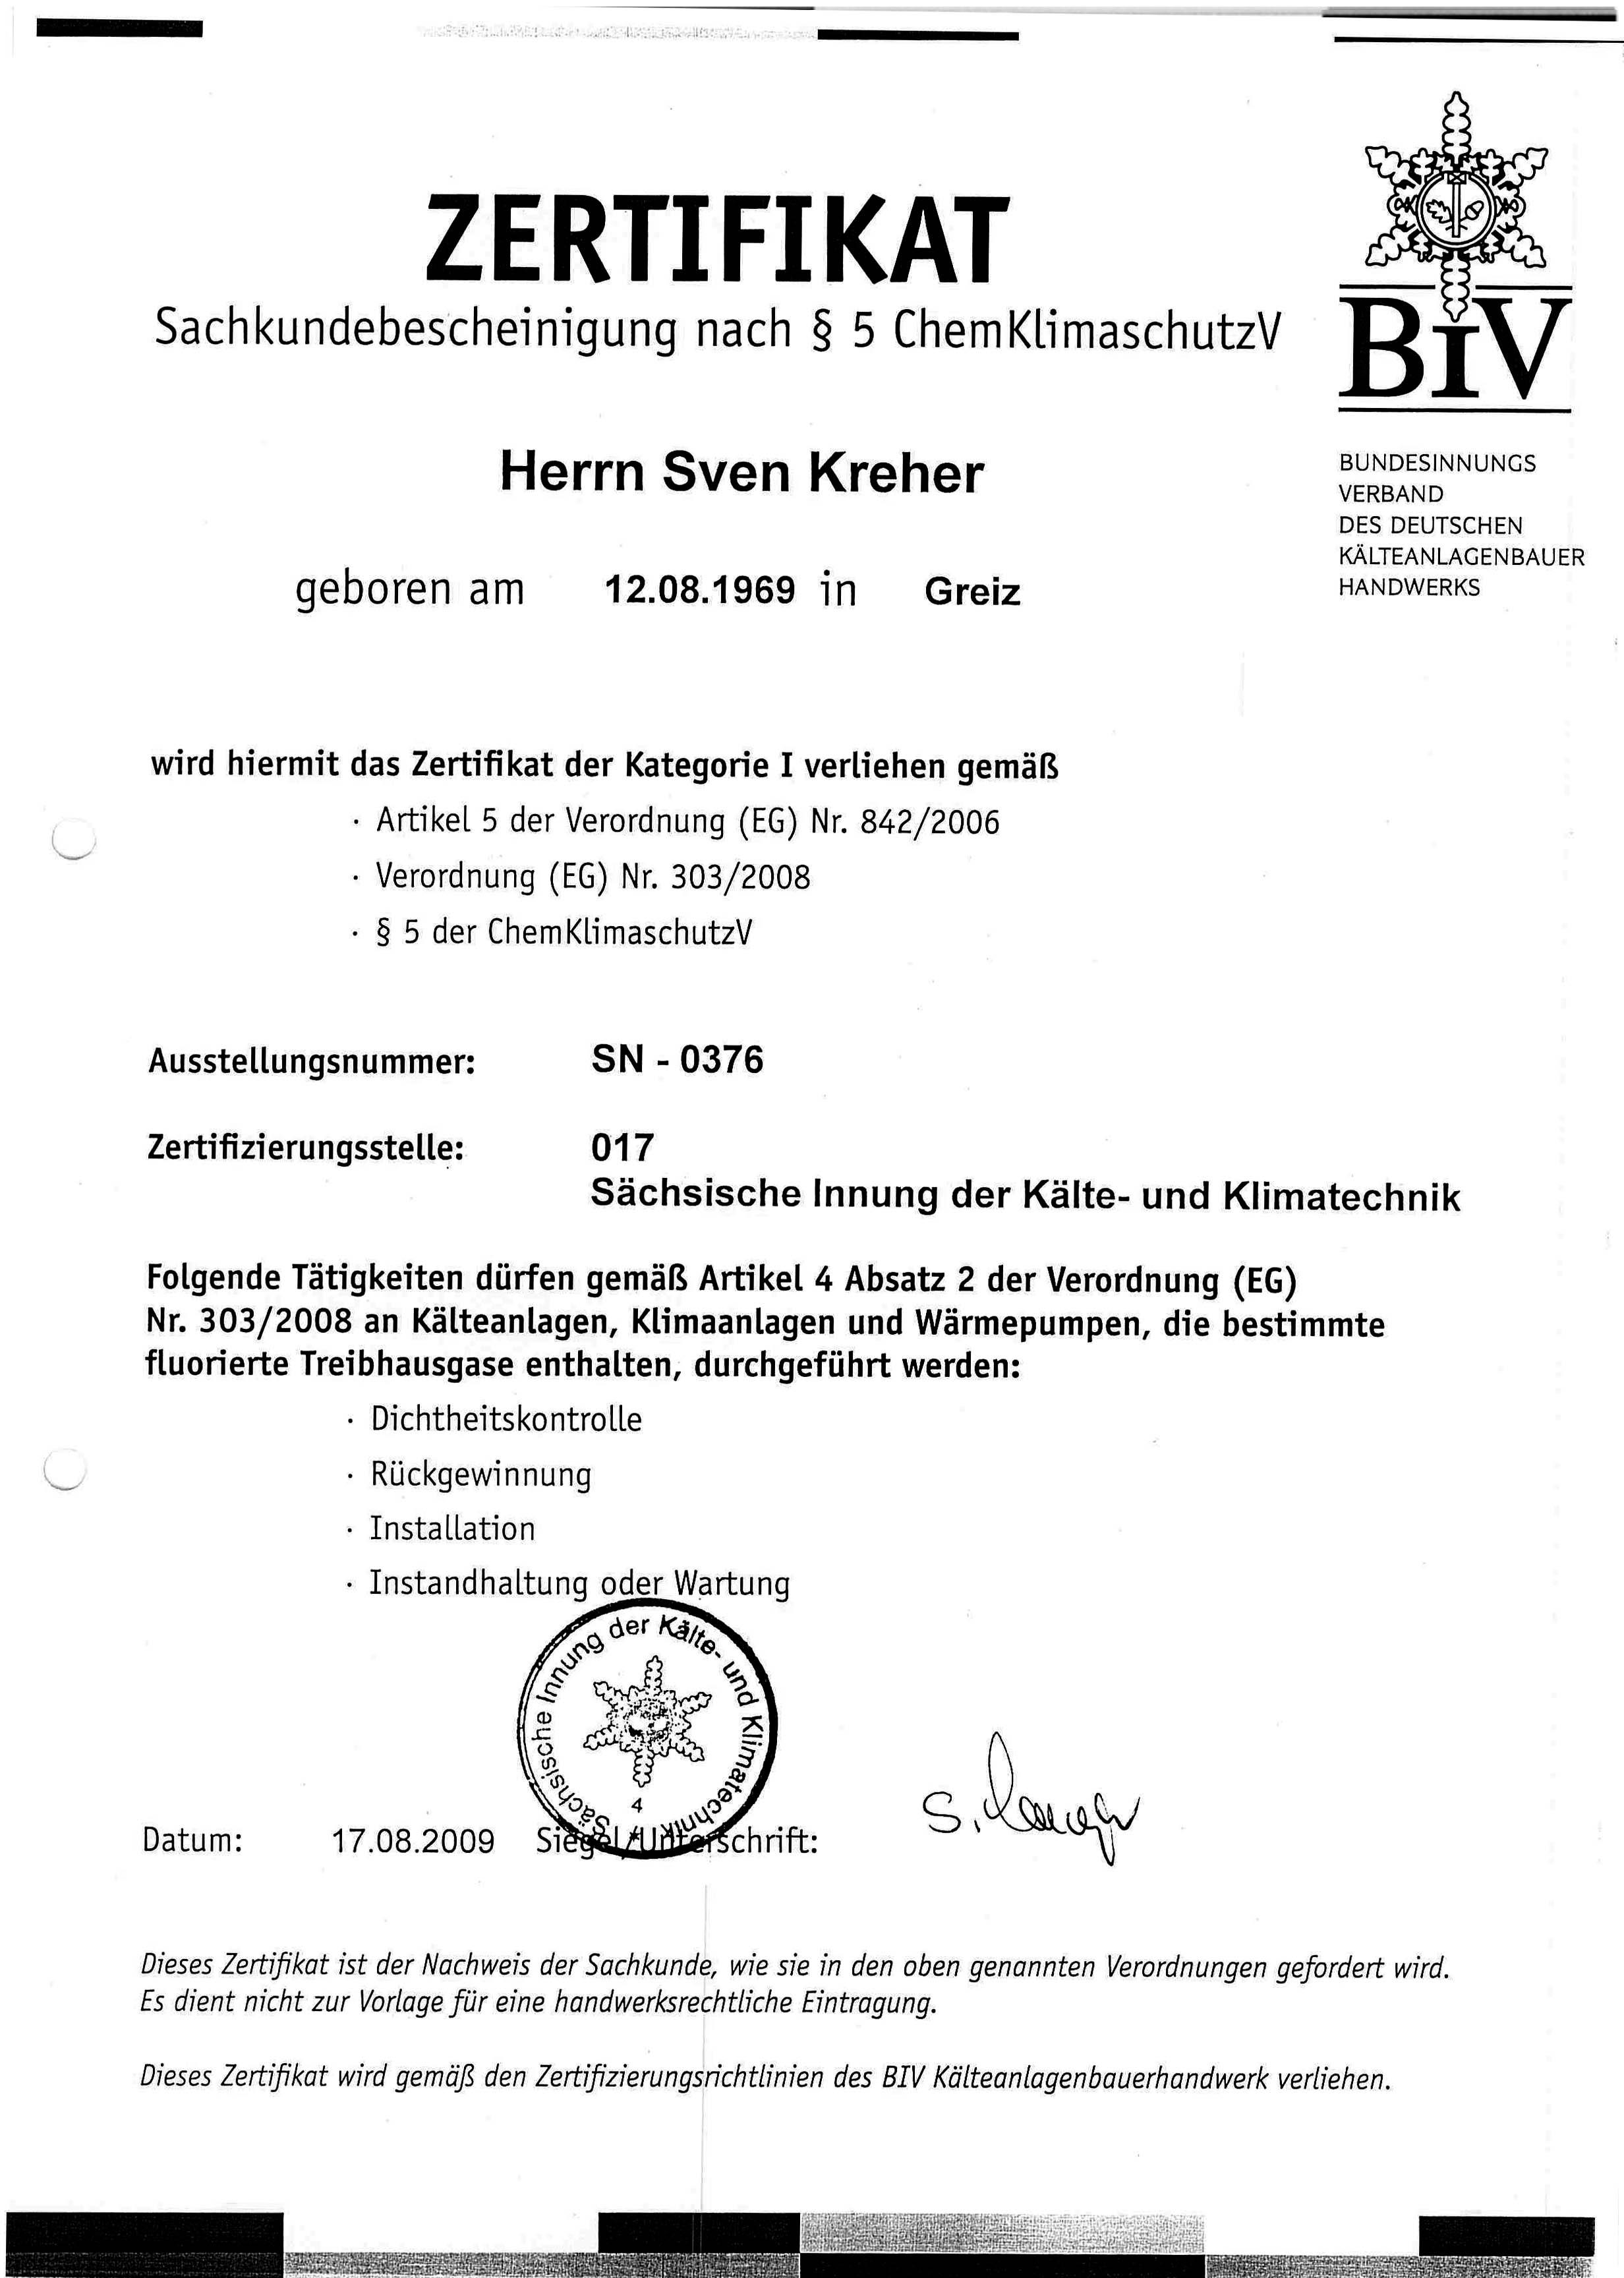 Gemütlich Zertifizierung Vorlagen Ideen - FORTSETZUNG ARBEITSBLATT ...